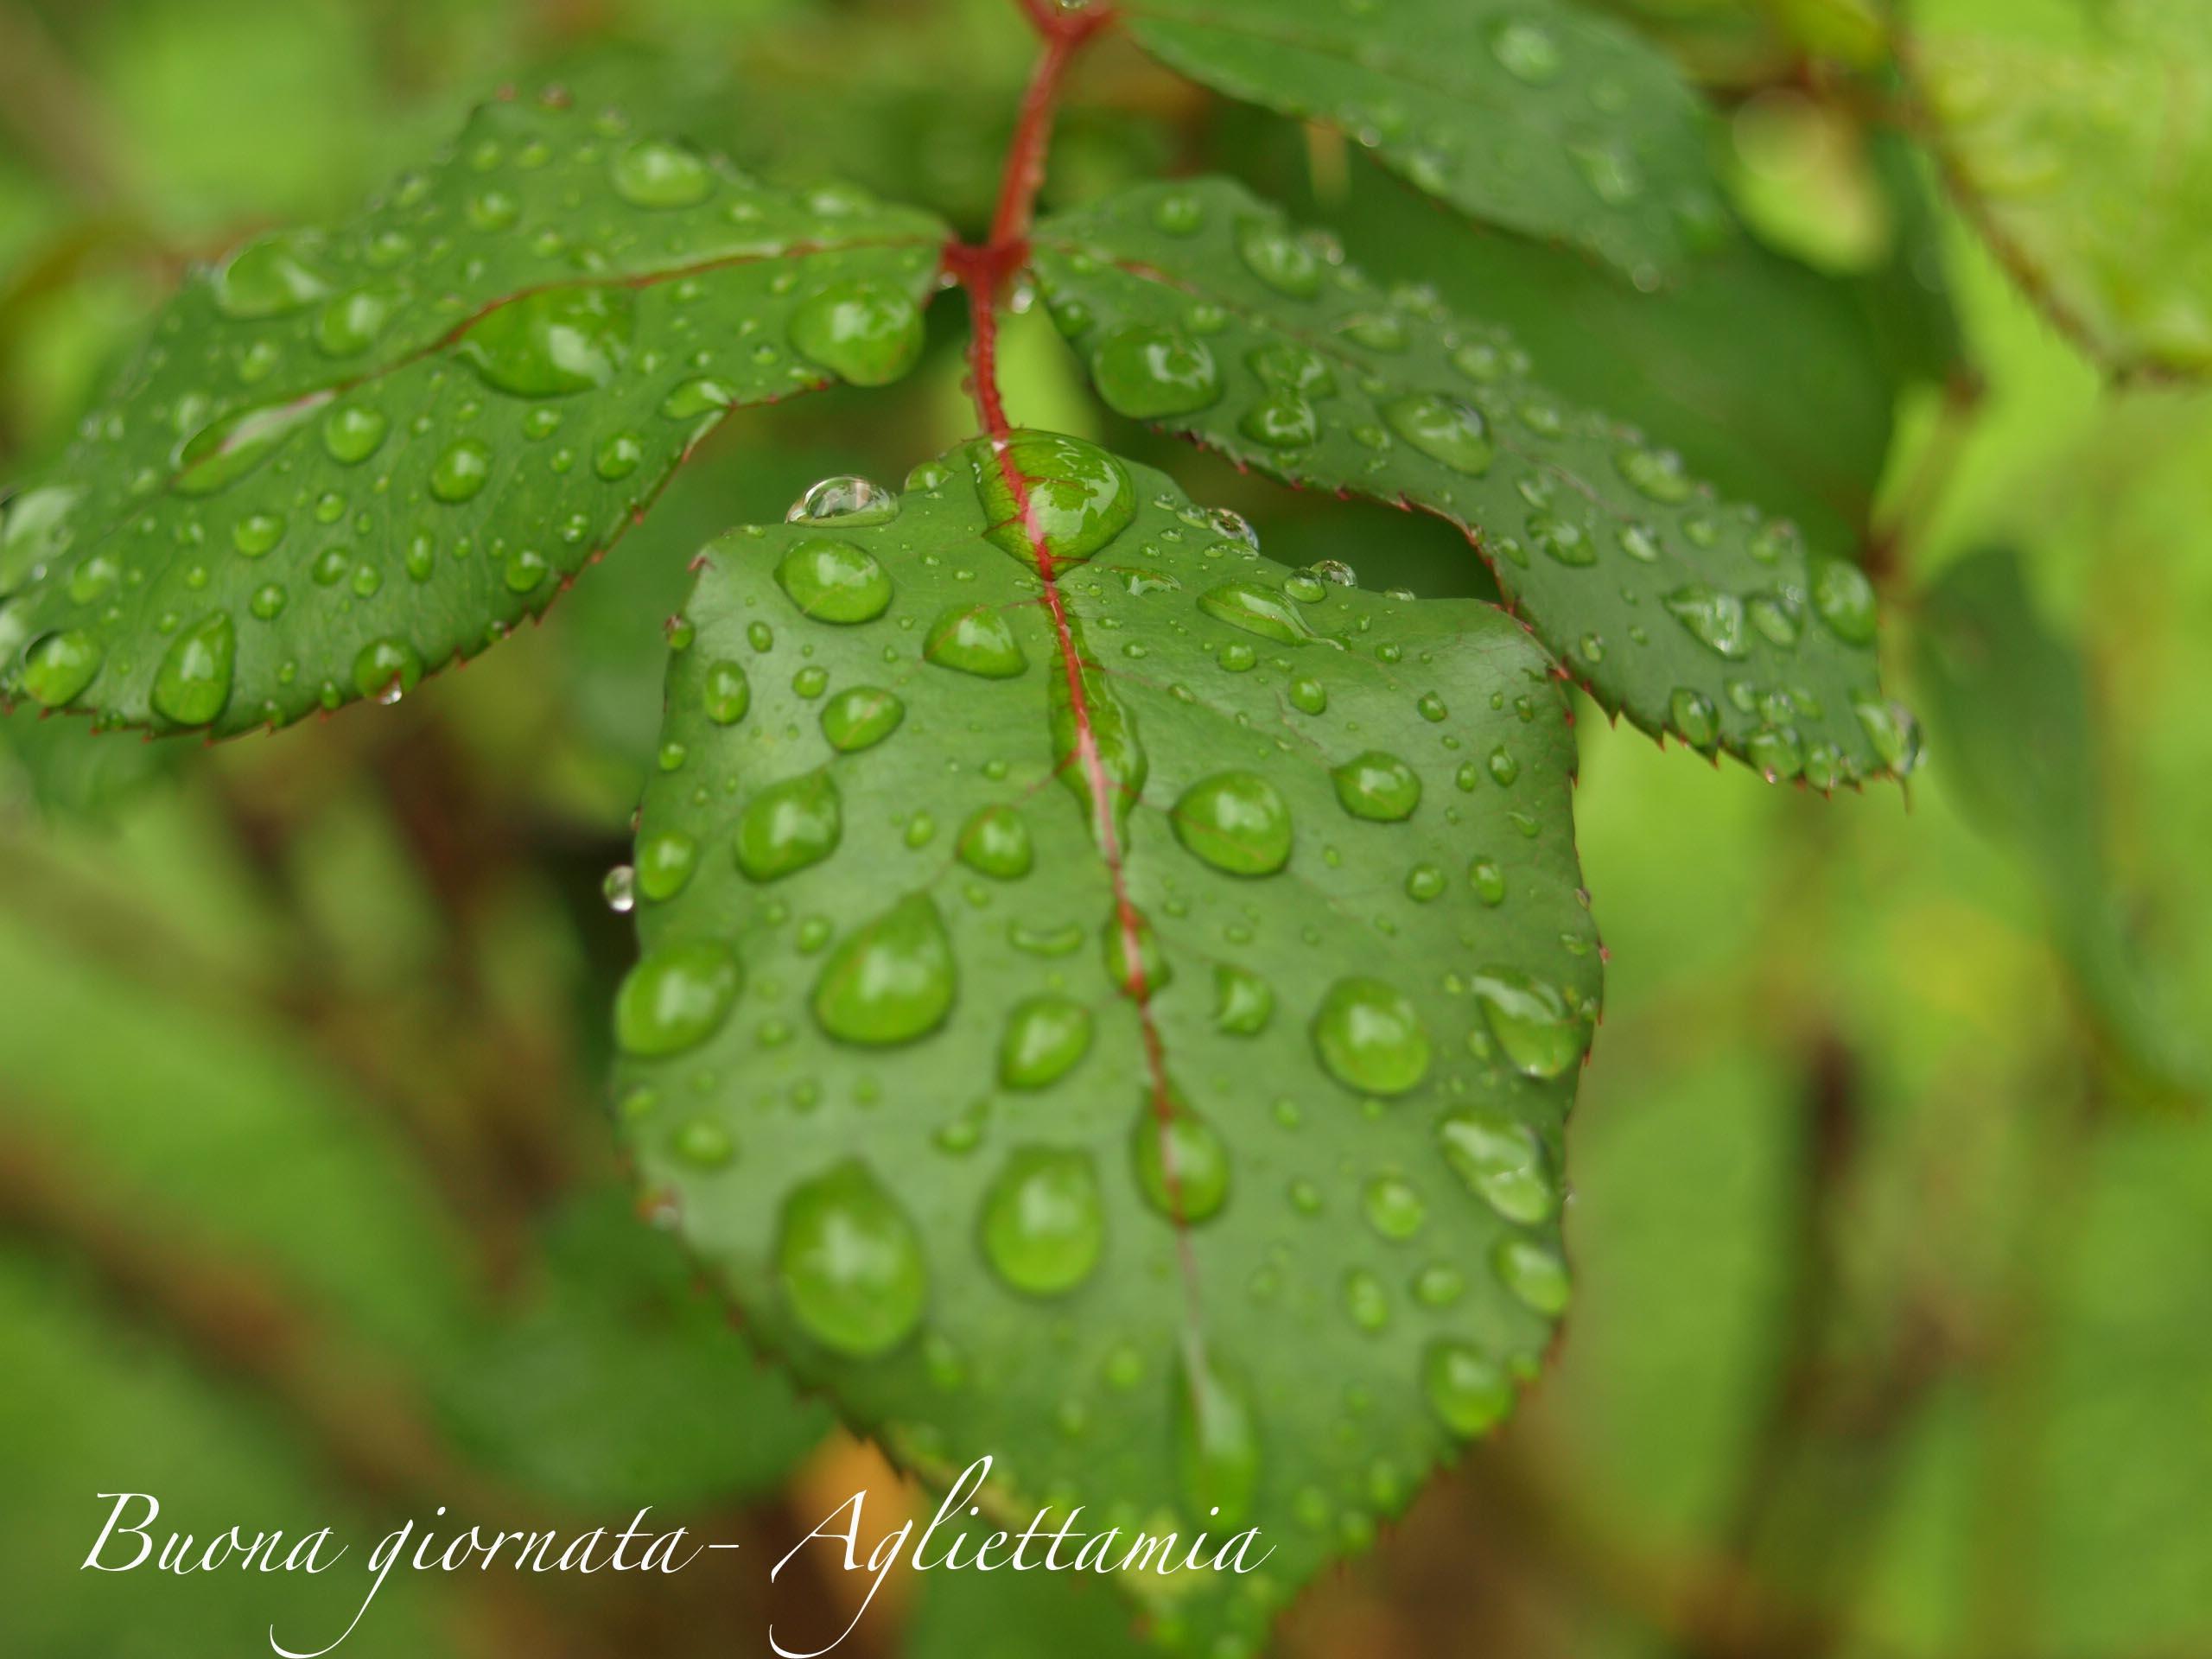 雨がくれるキラキラな贈り物@山の家_c0179785_6142731.jpg